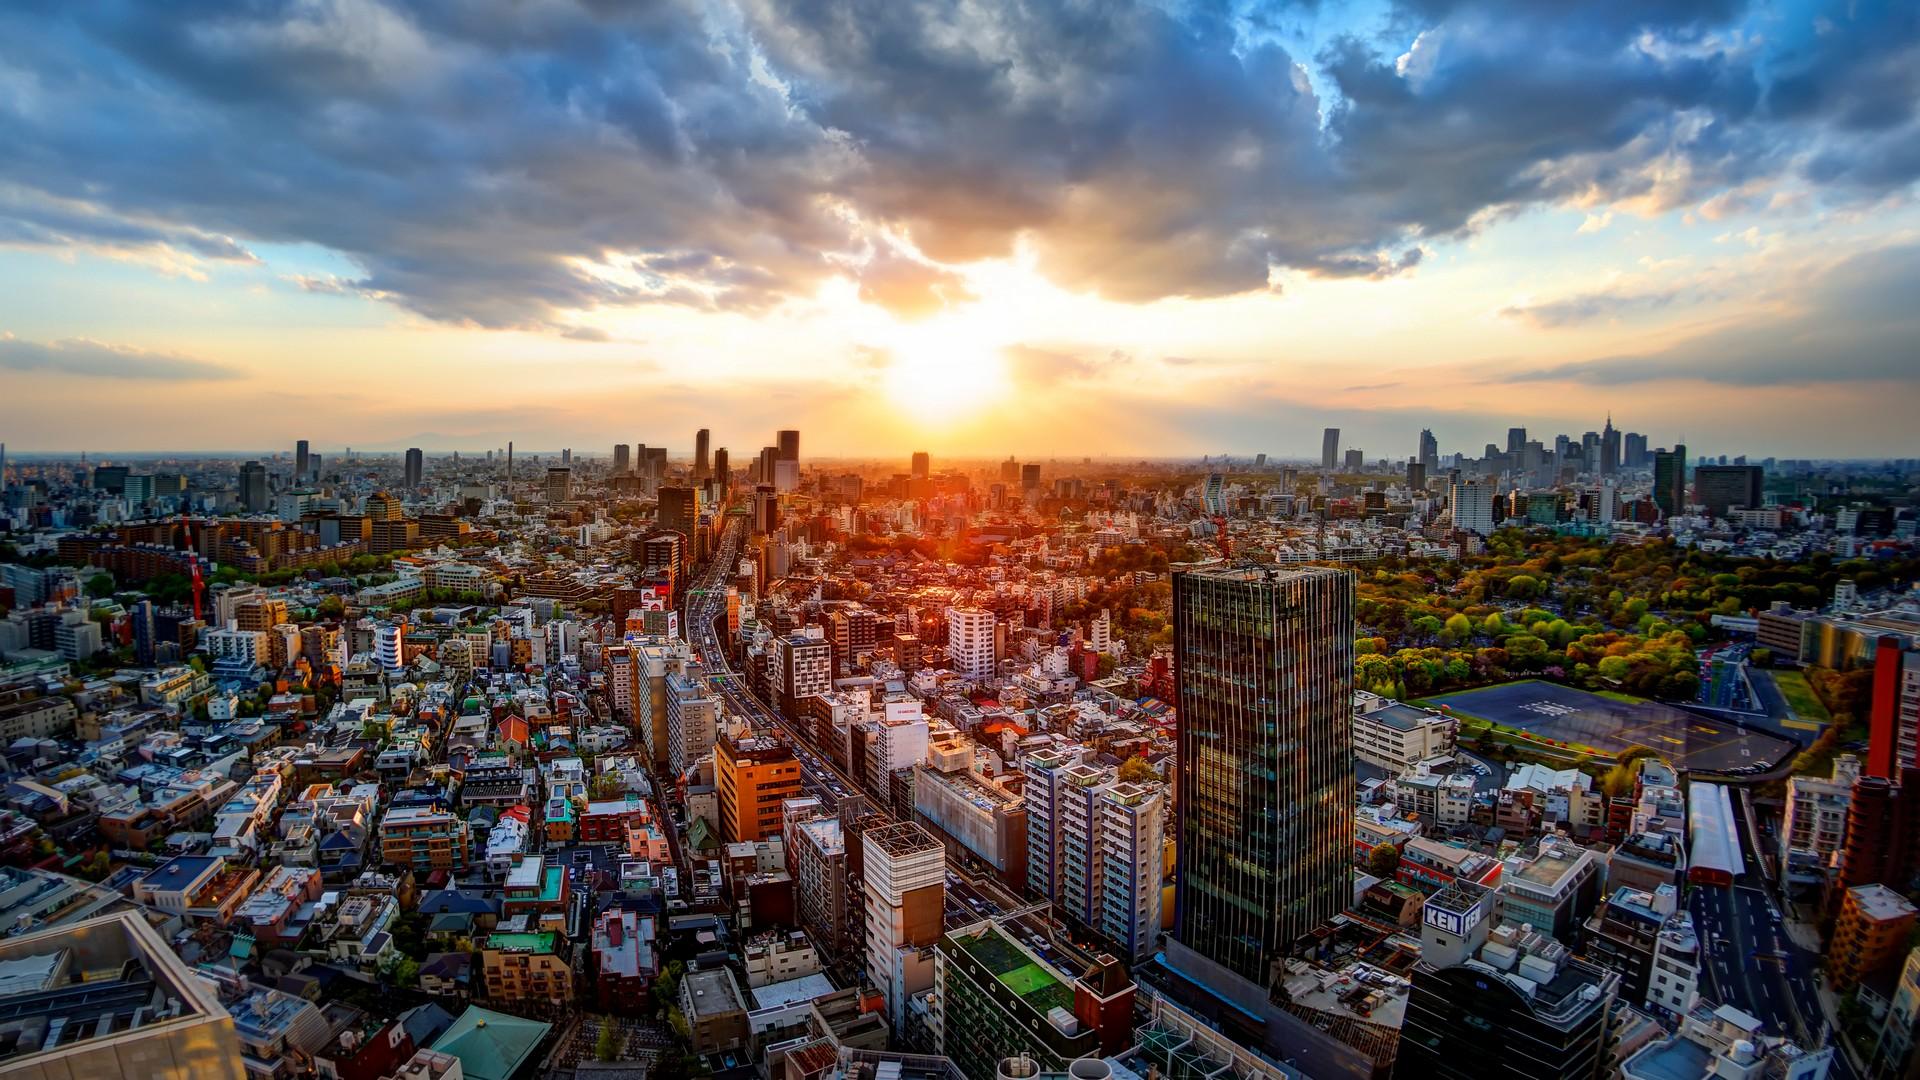 Всё о жизни русских иммигрантов в Японии: от адаптации до отношения местного населения